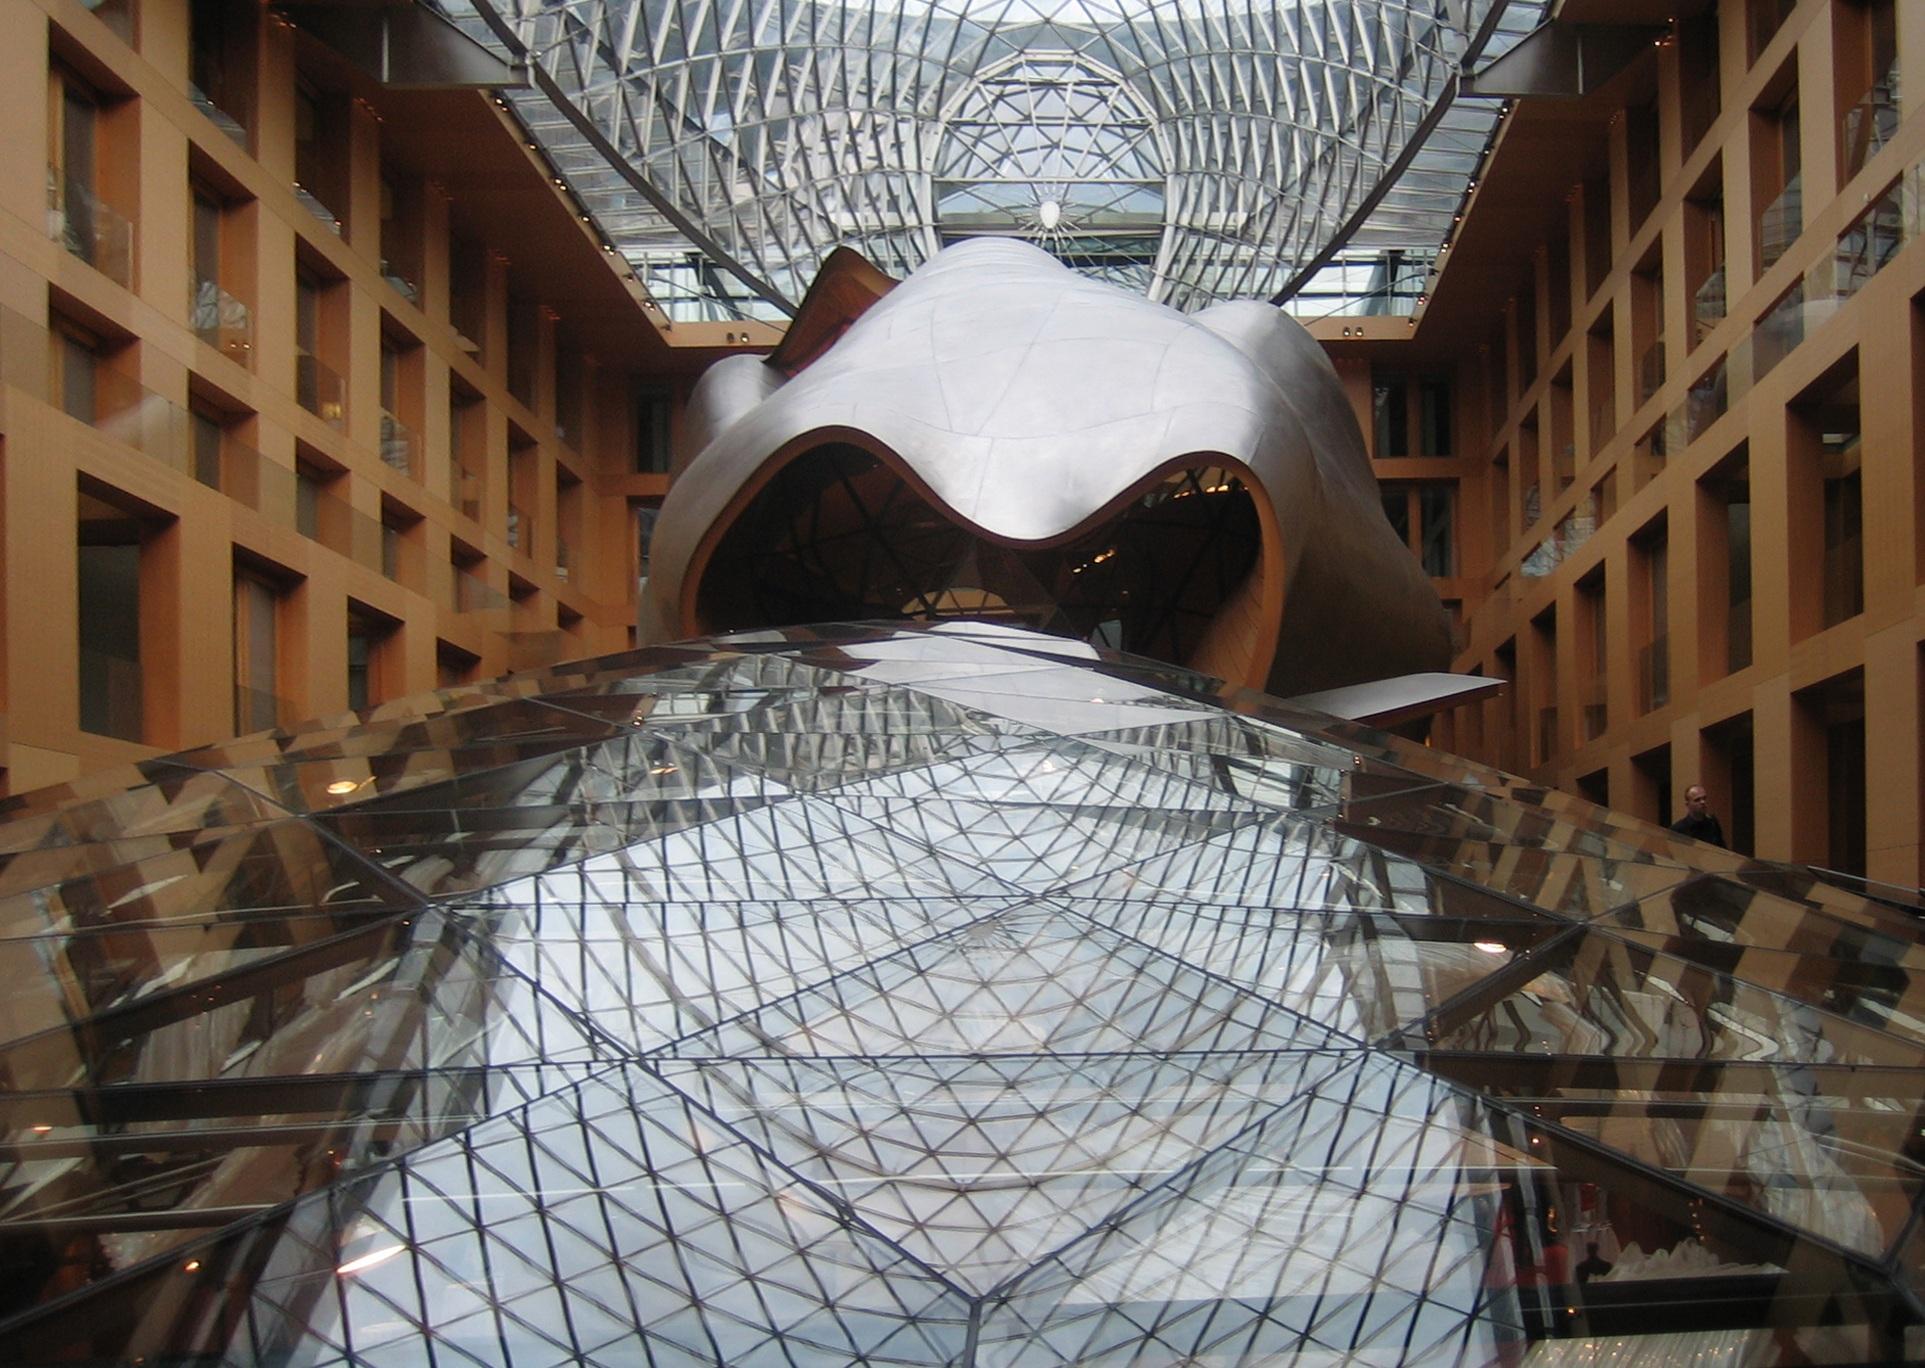 Holz Dach Burogebaude Moderne Architektur Skulptur Kunst Berlin Kuppel Frank Gehry Glasdach Glasbau Dz Bank Uberdachte